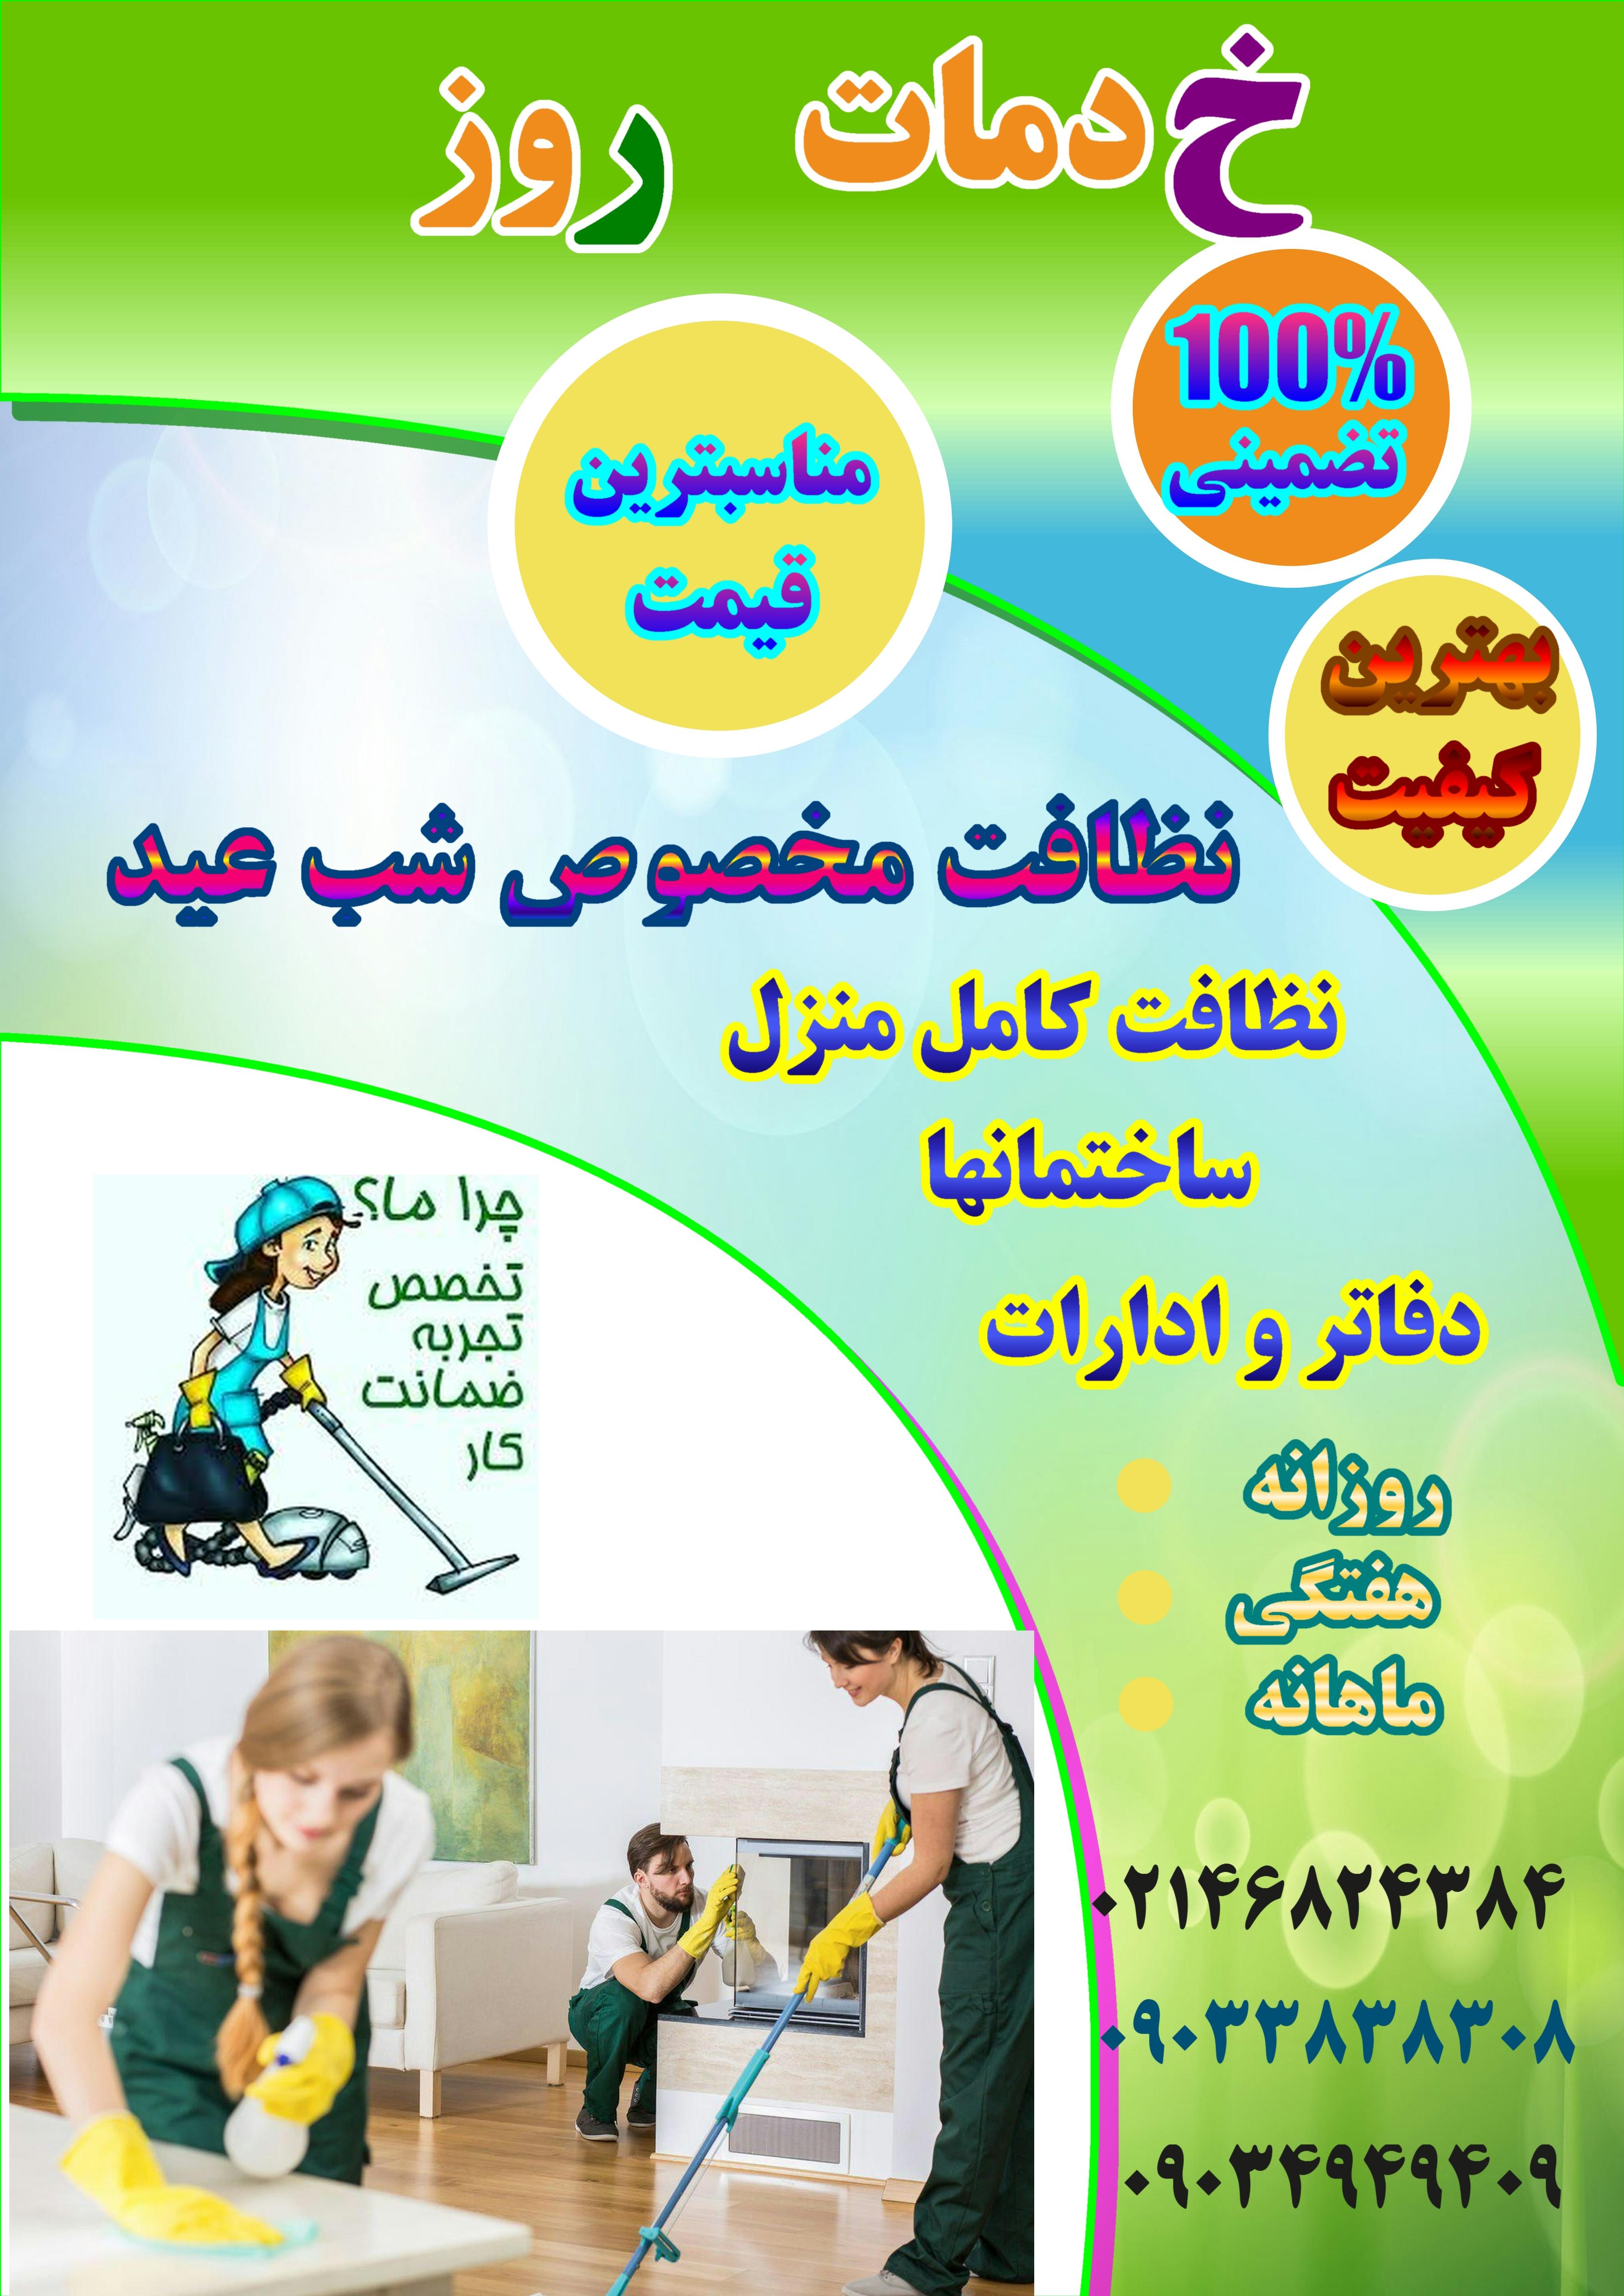 دفتر خدمات روز تهران و کرج